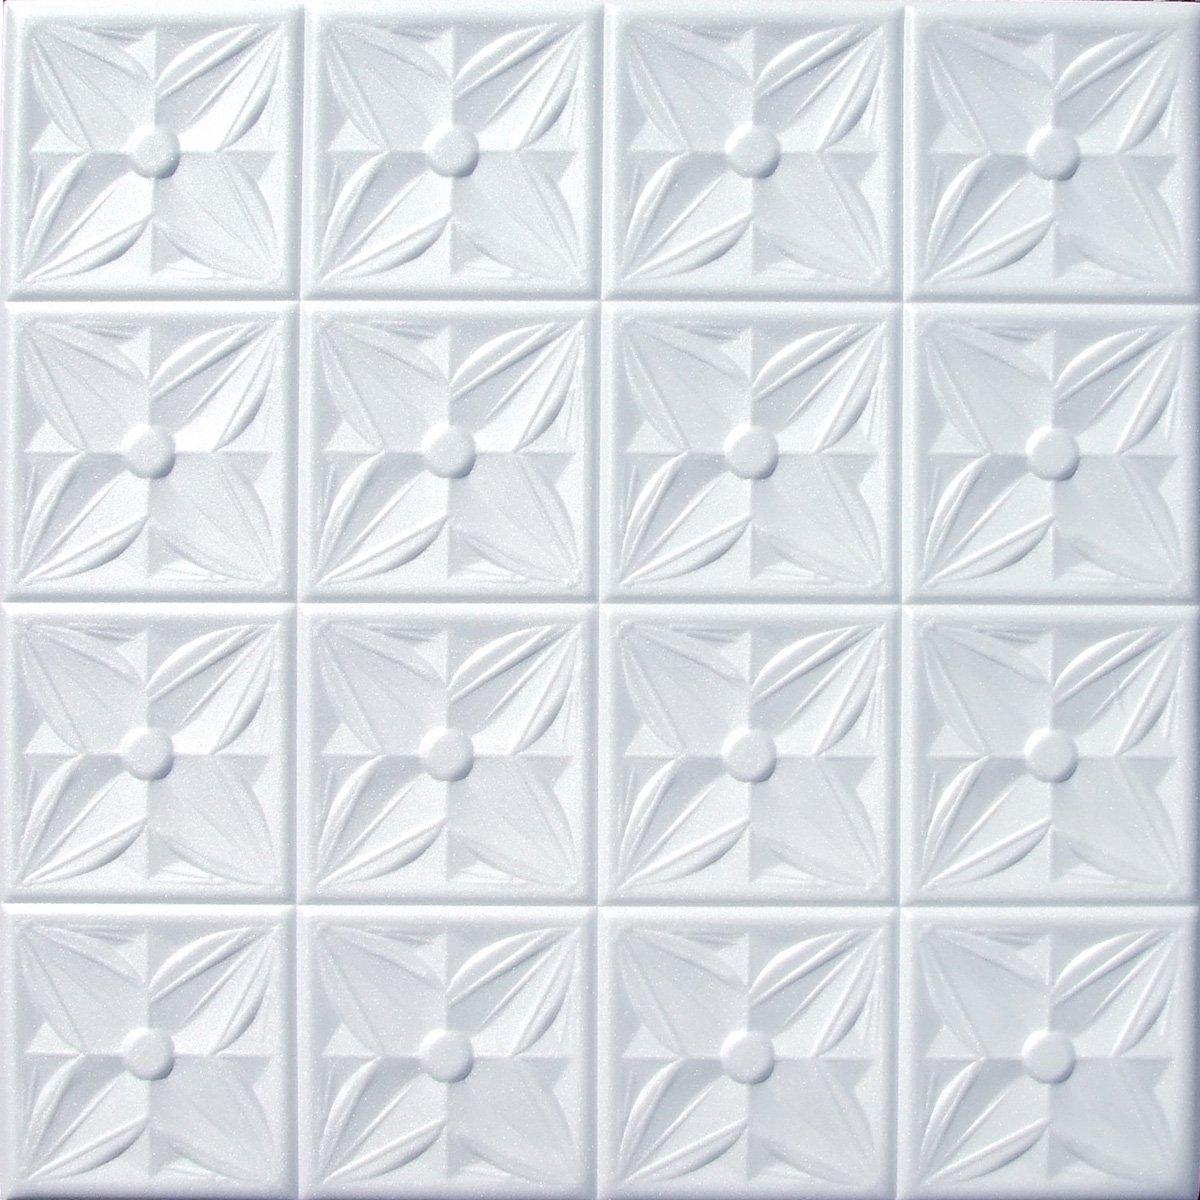 Amazon faux ceiling tile 20x20 margaretta white foam home amazon faux ceiling tile 20x20 margaretta white foam home kitchen dailygadgetfo Choice Image